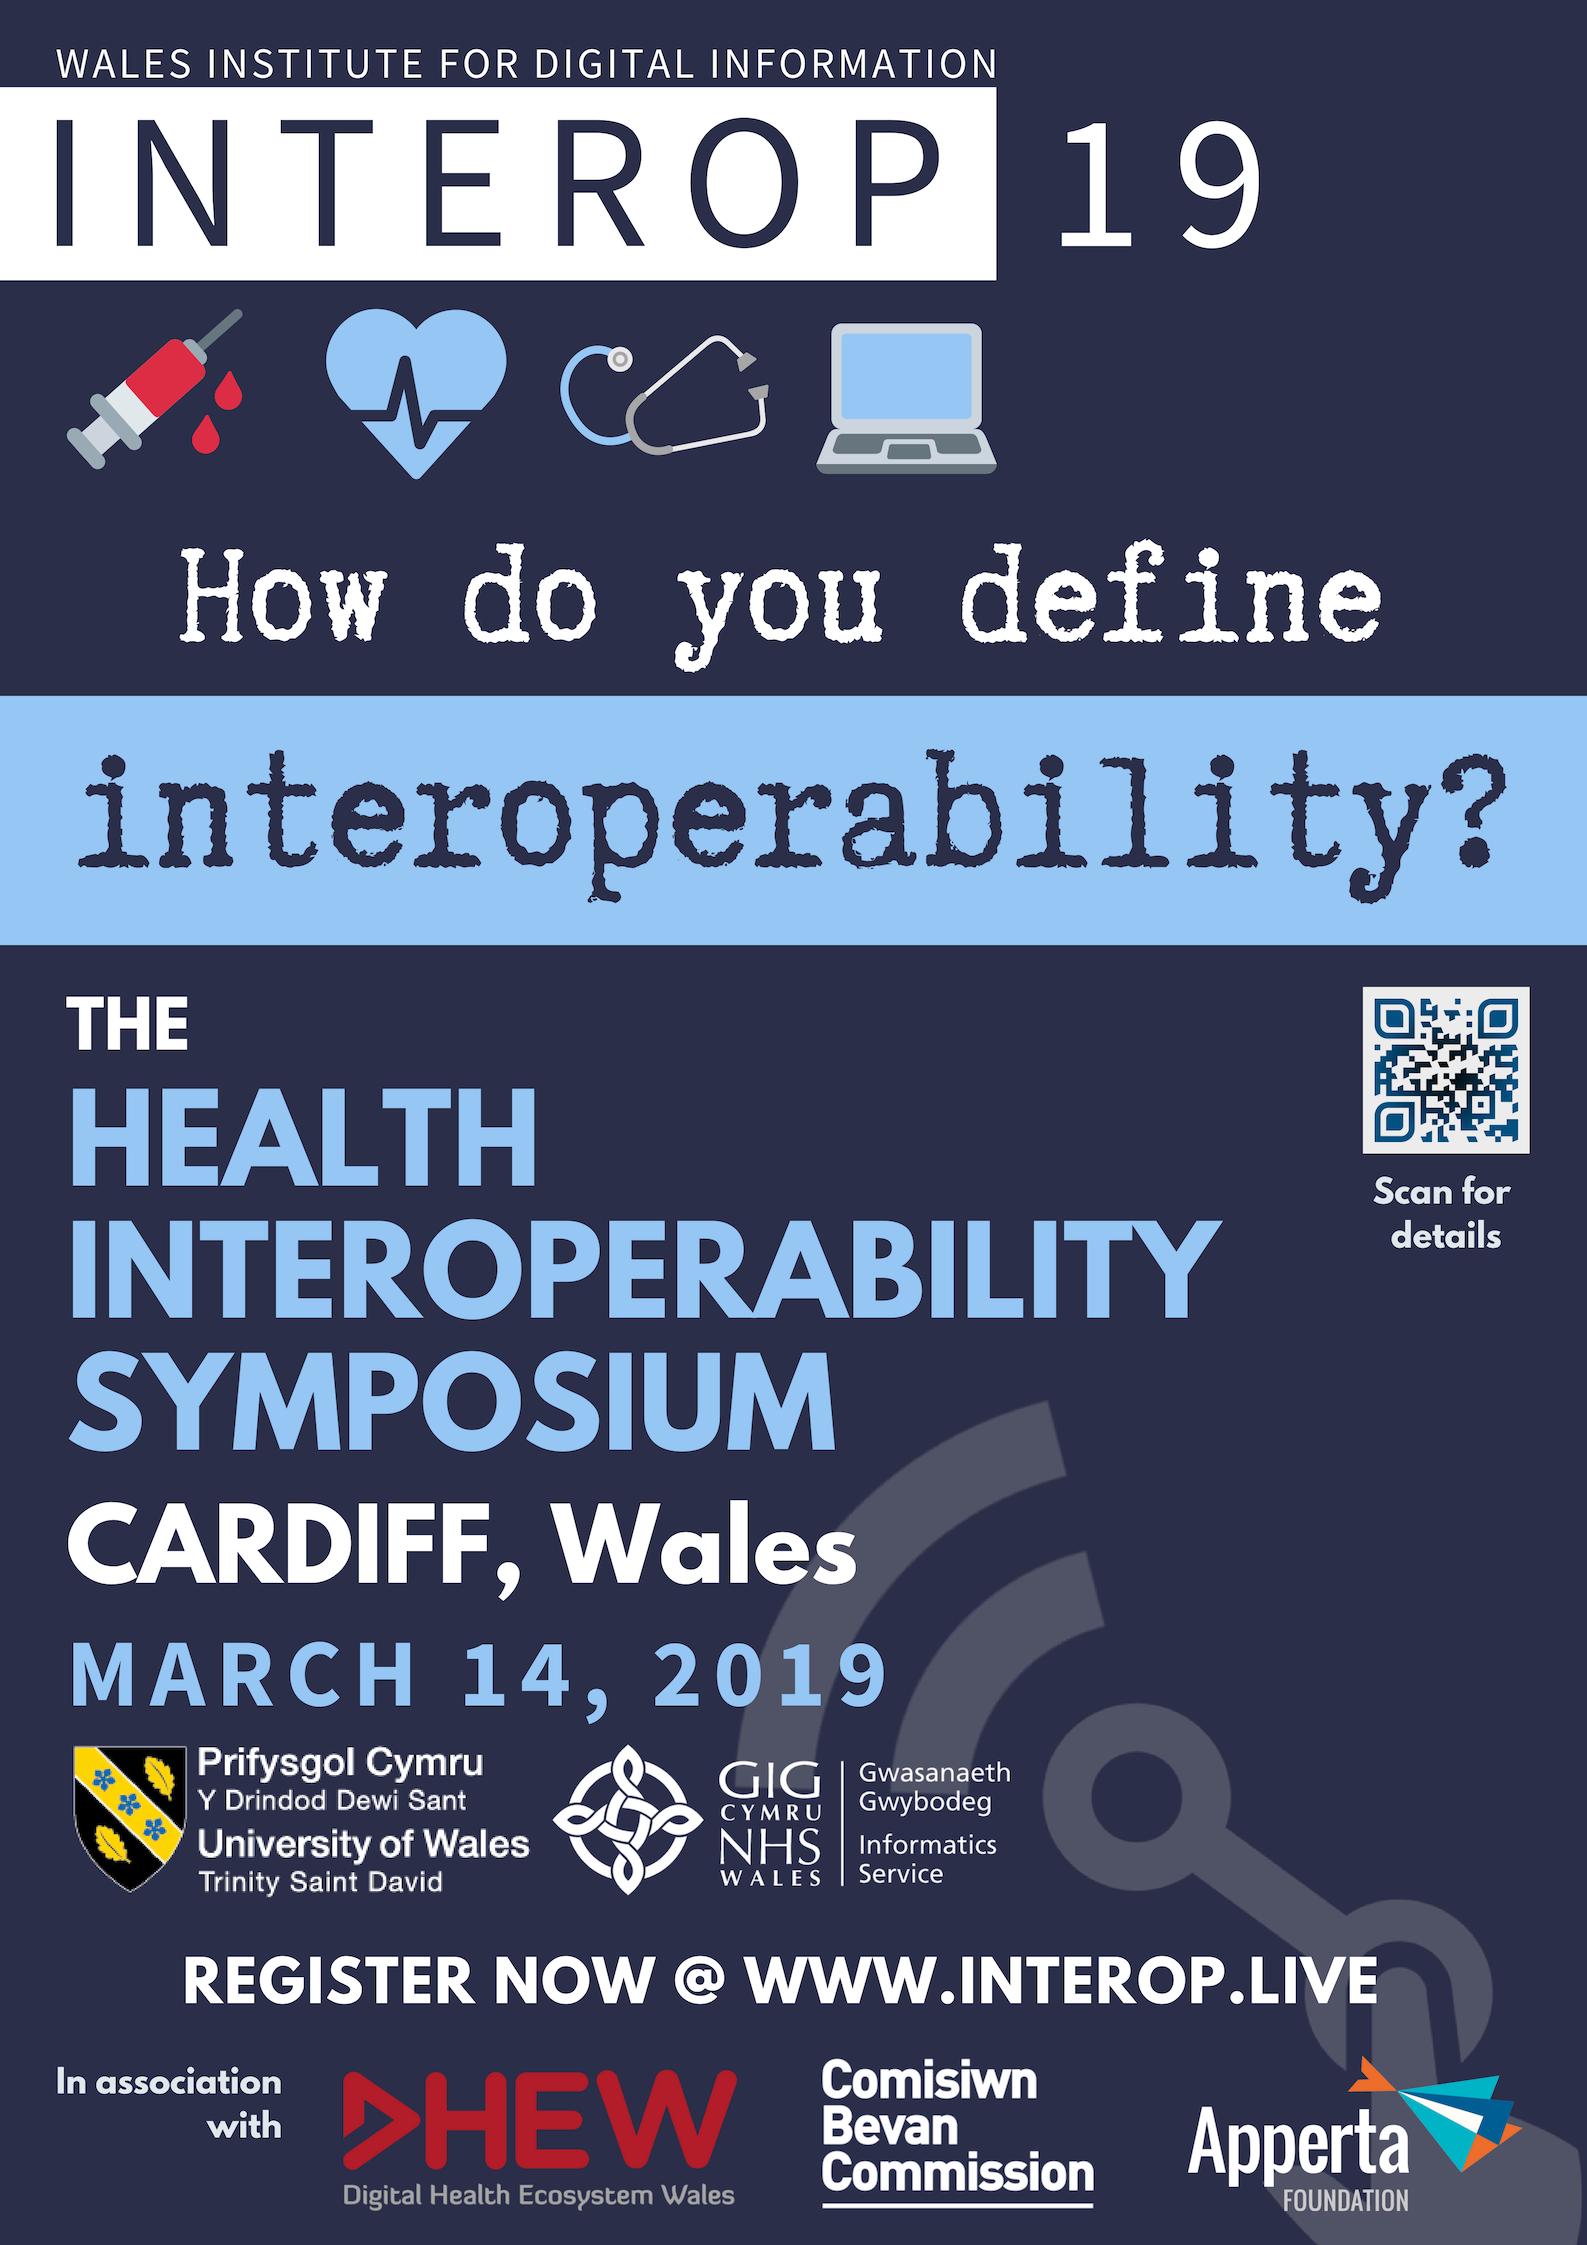 INTEROP19 Poster v2.0